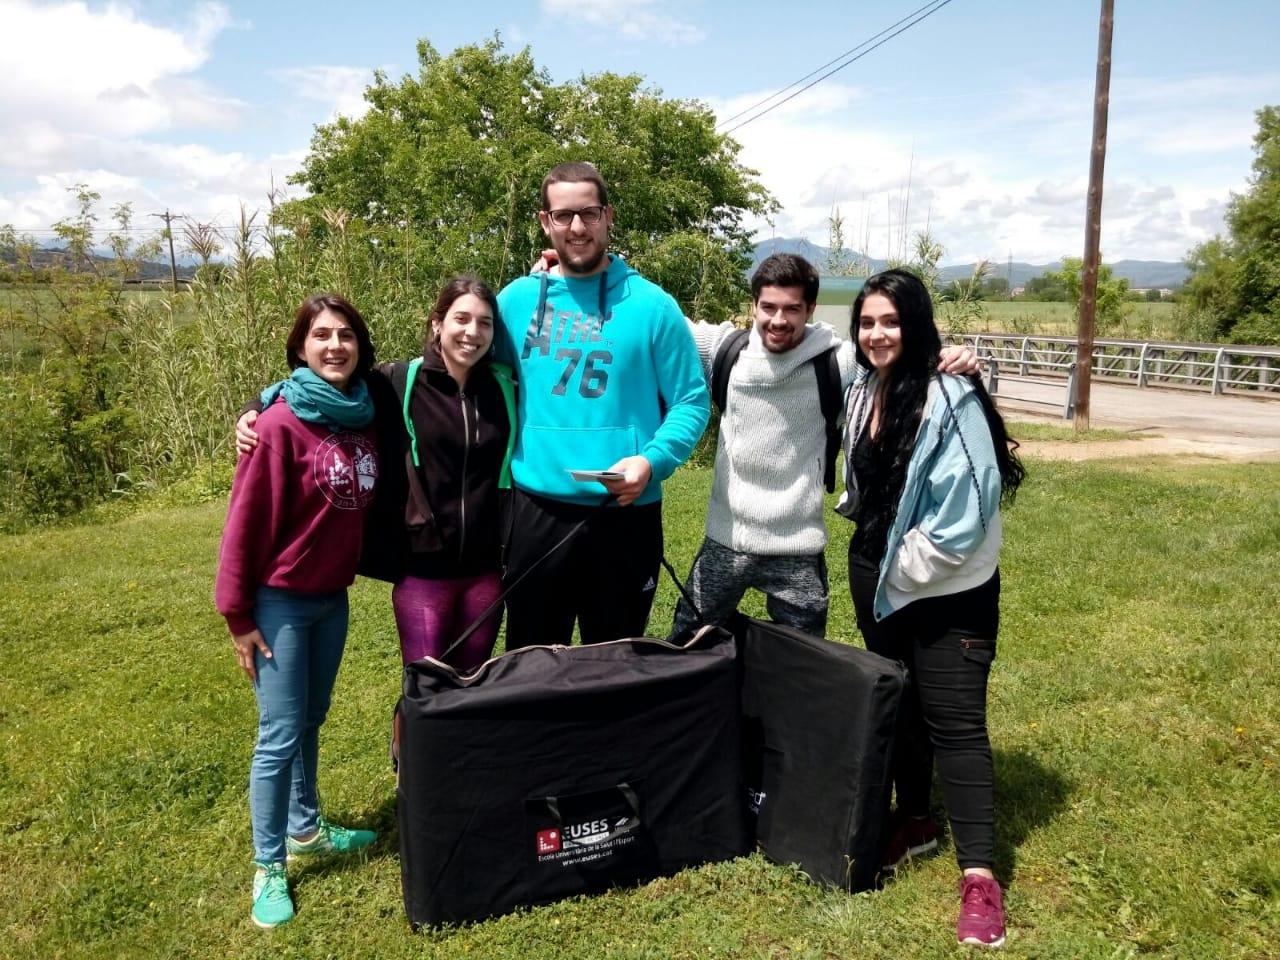 L'Escola Universitària de la Salut i l'Esport recupera els participants de la marxa de BTT de Vilablareix